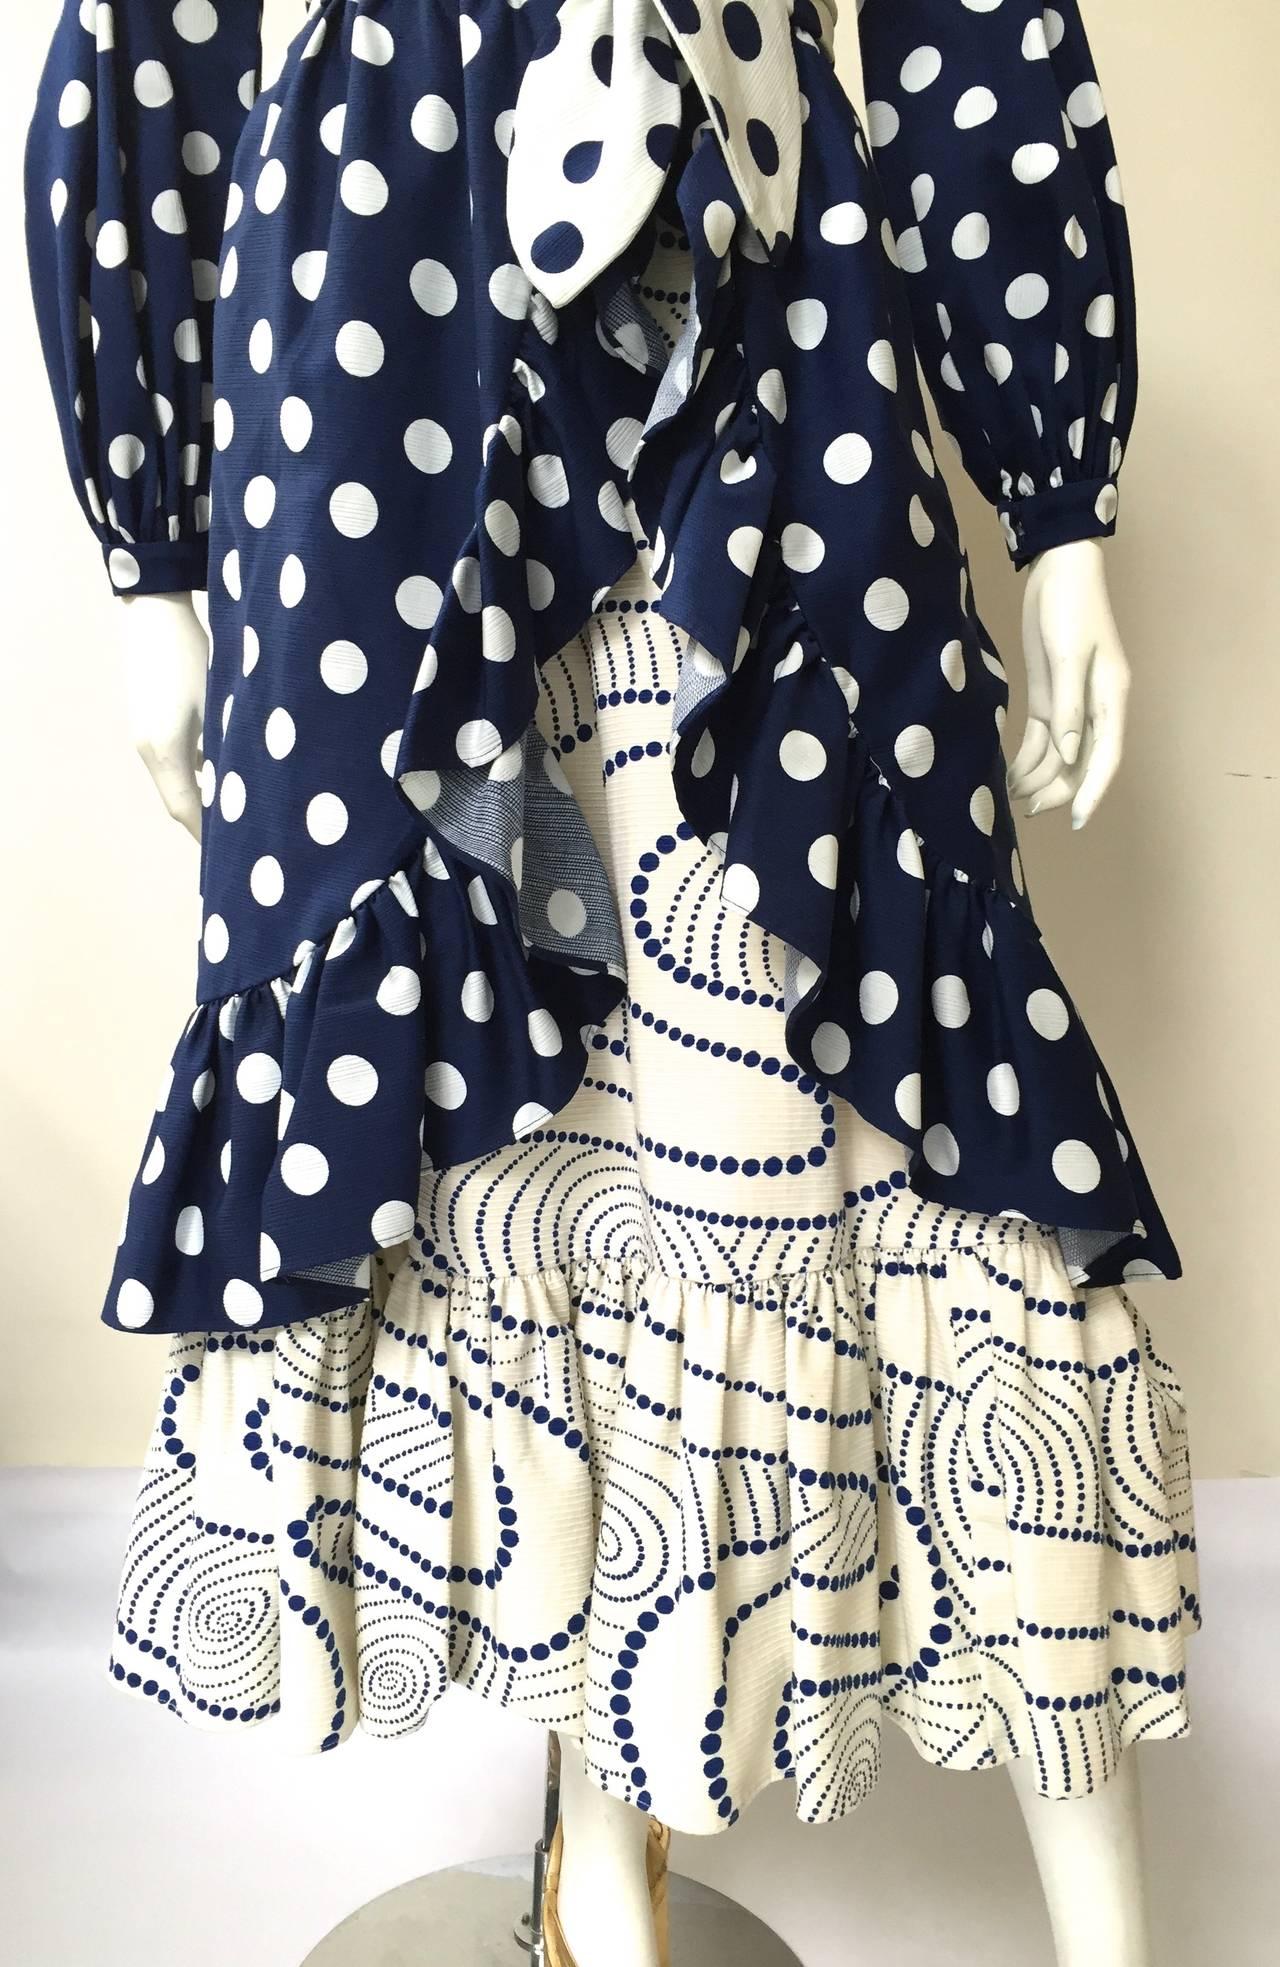 Black Oscar de la Renta 1970 polka dot Harper's Bazaar dress cover size 4. For Sale